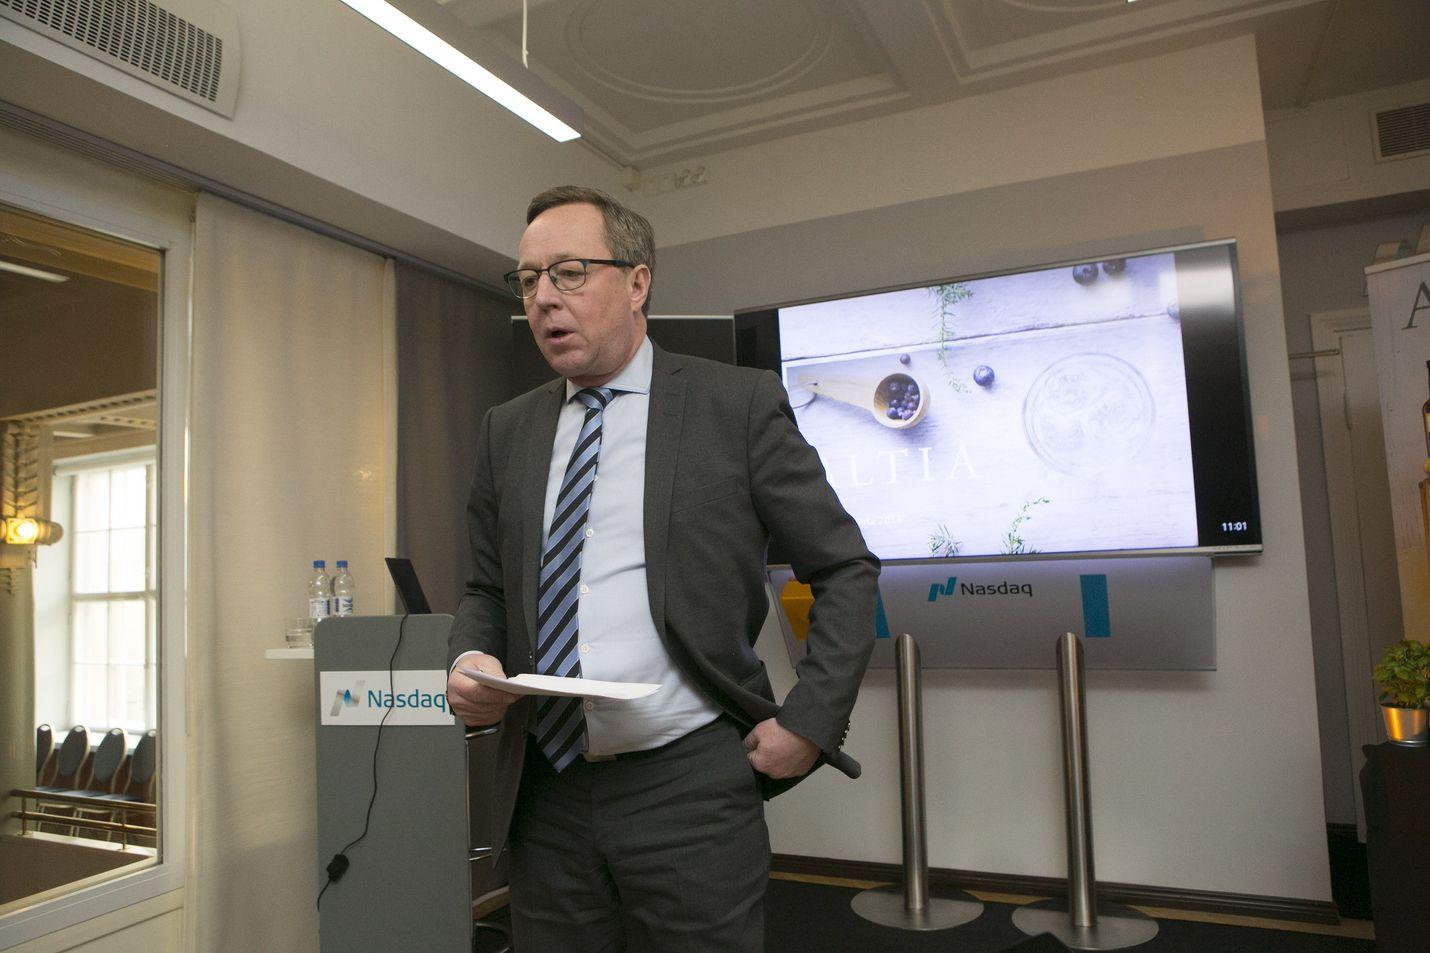 Valtiovarainministeri Mika Lintilä sanoi, että lisäbudjetin määrärahoilla edistetään viennin edellytyksiä ja poistetaan logistisia pullonkauloja.